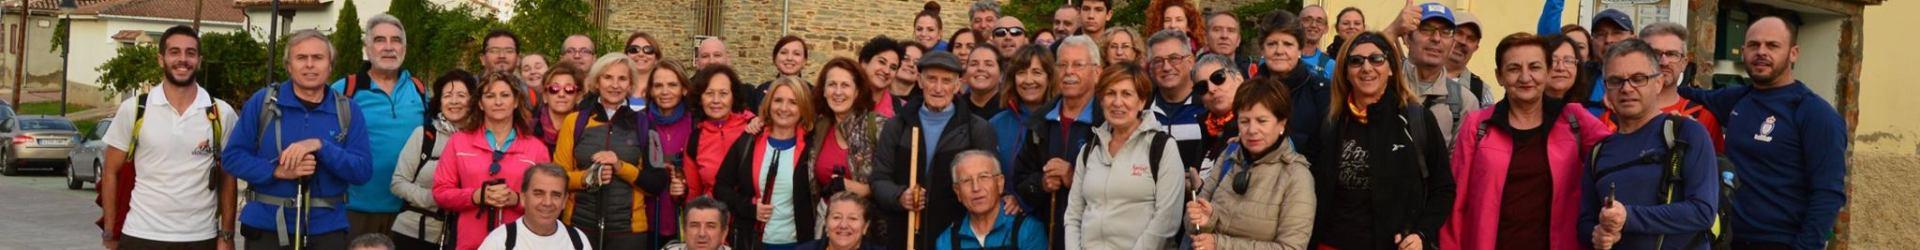 Los Vadilleros llegaron hasta Venta Cárdenas desde Miranda del Rey, en una ruta con mucho encanto